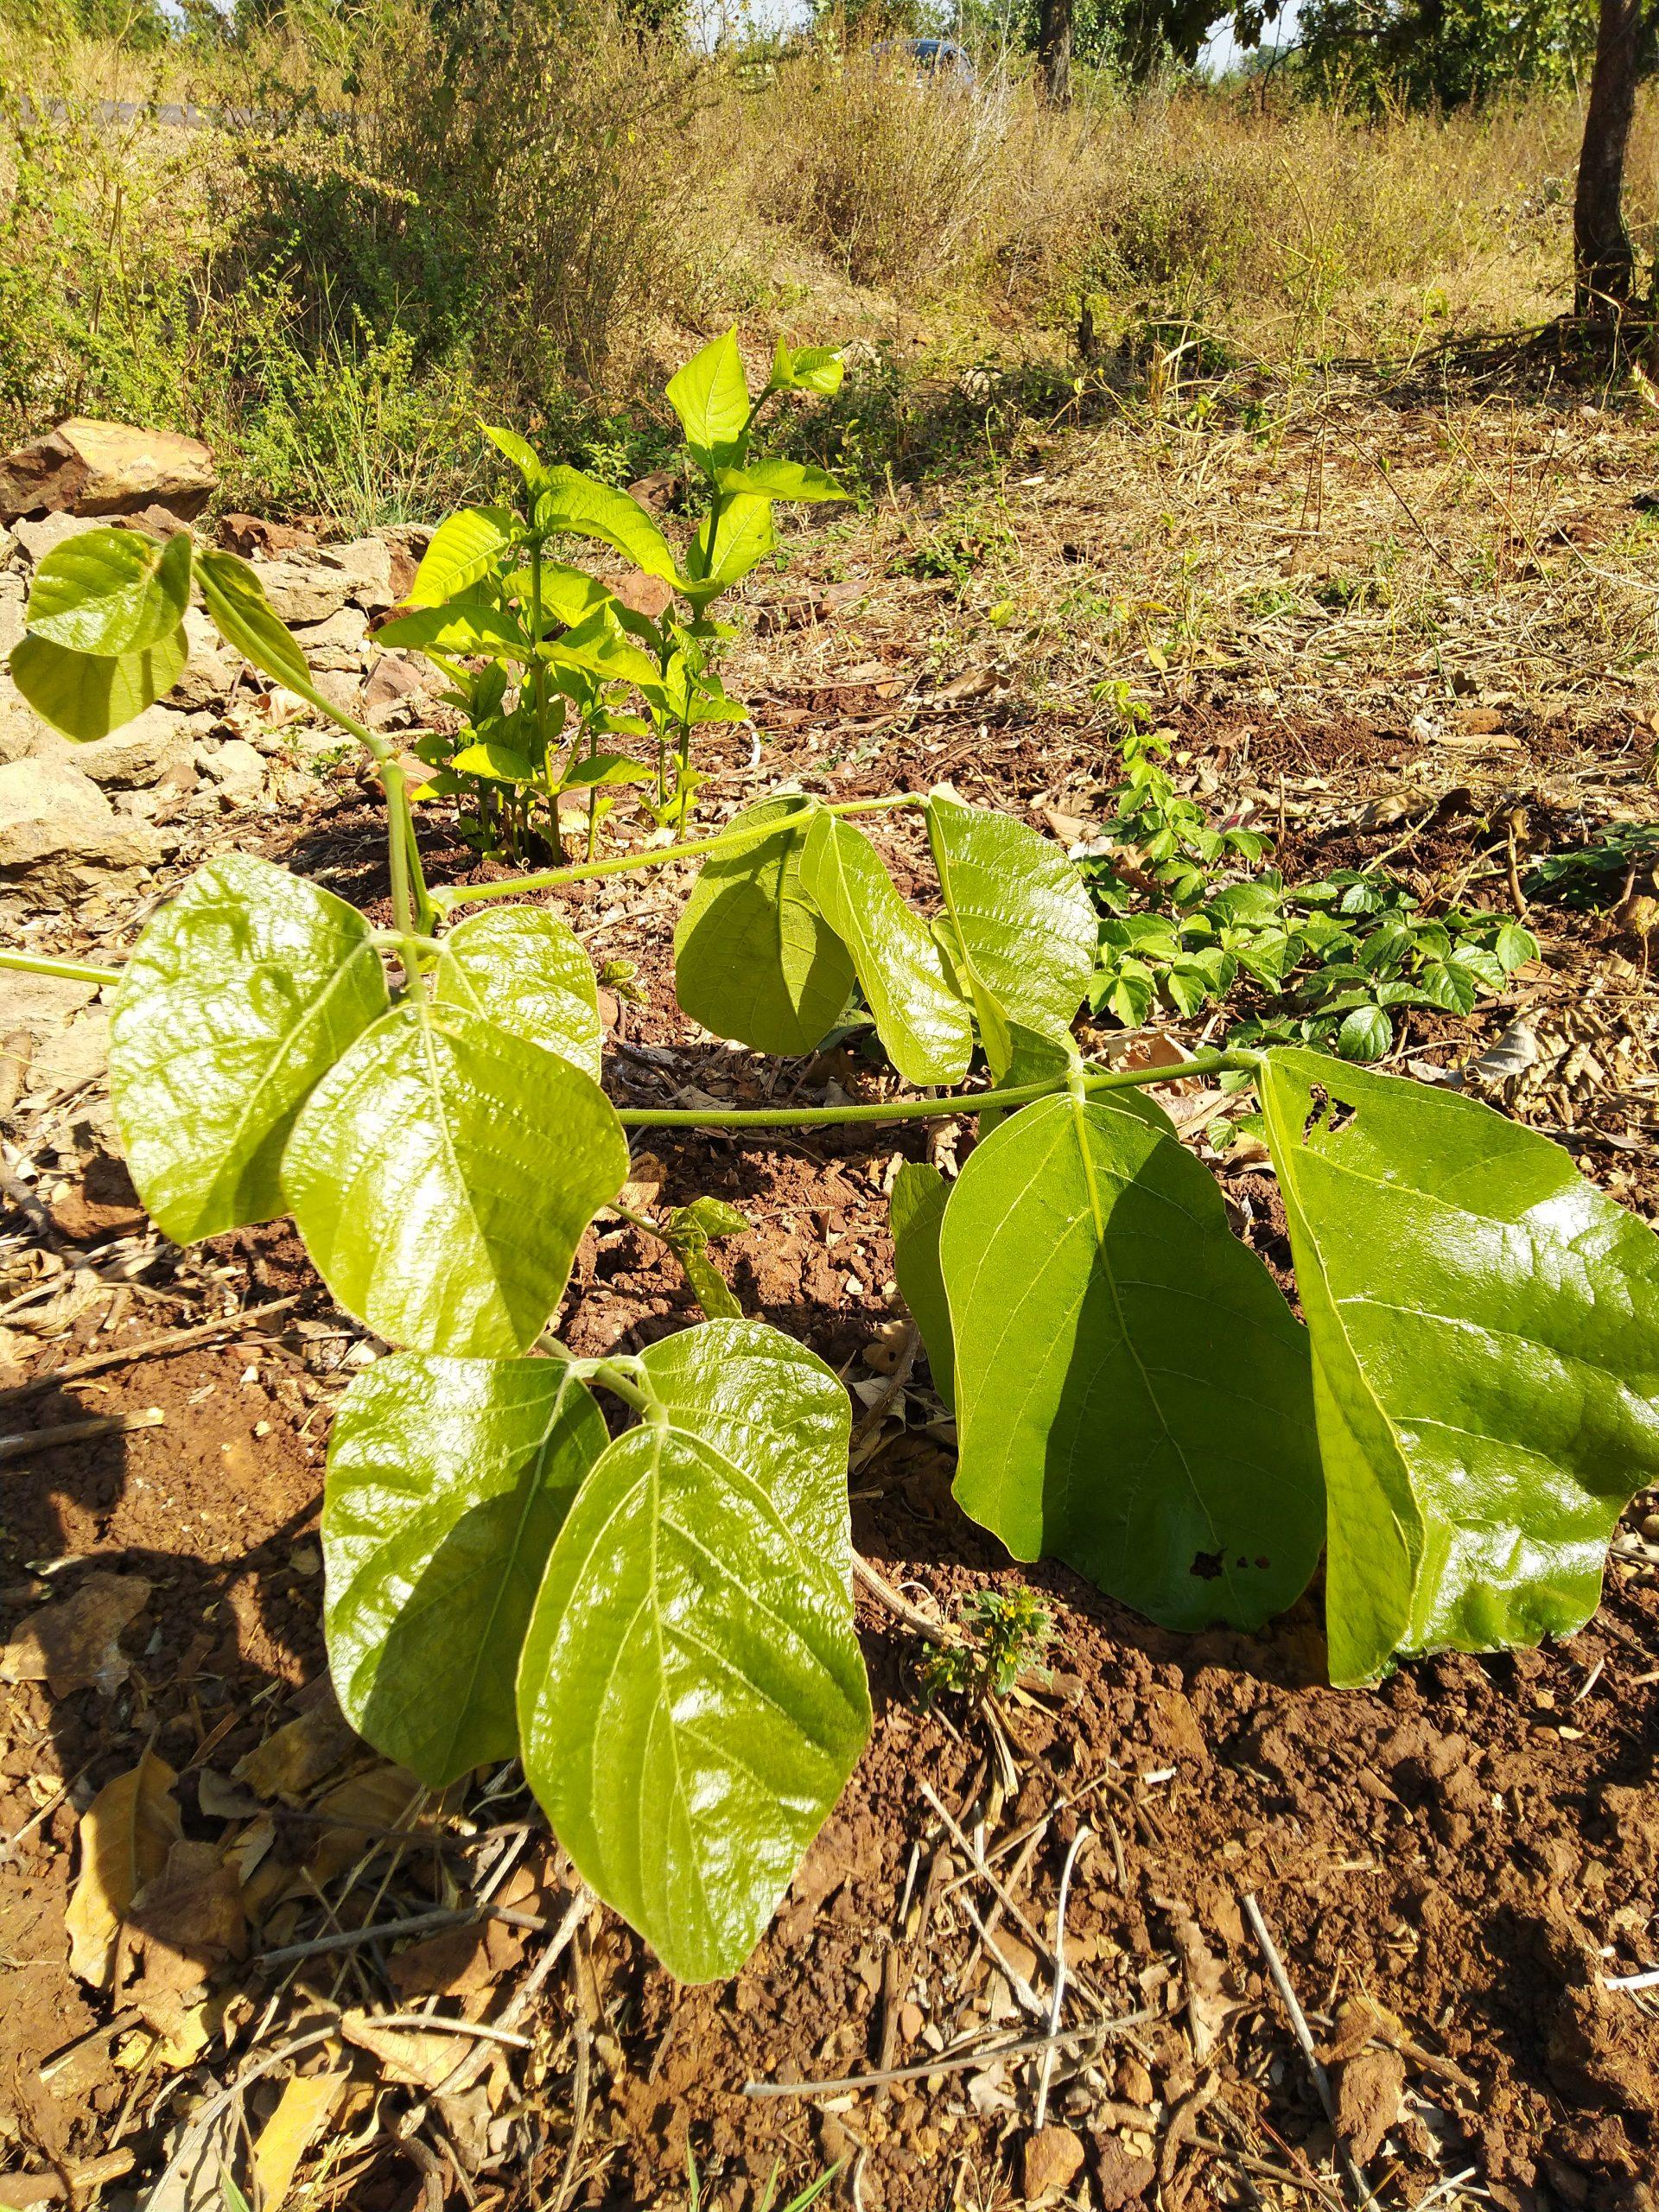 a green shrub